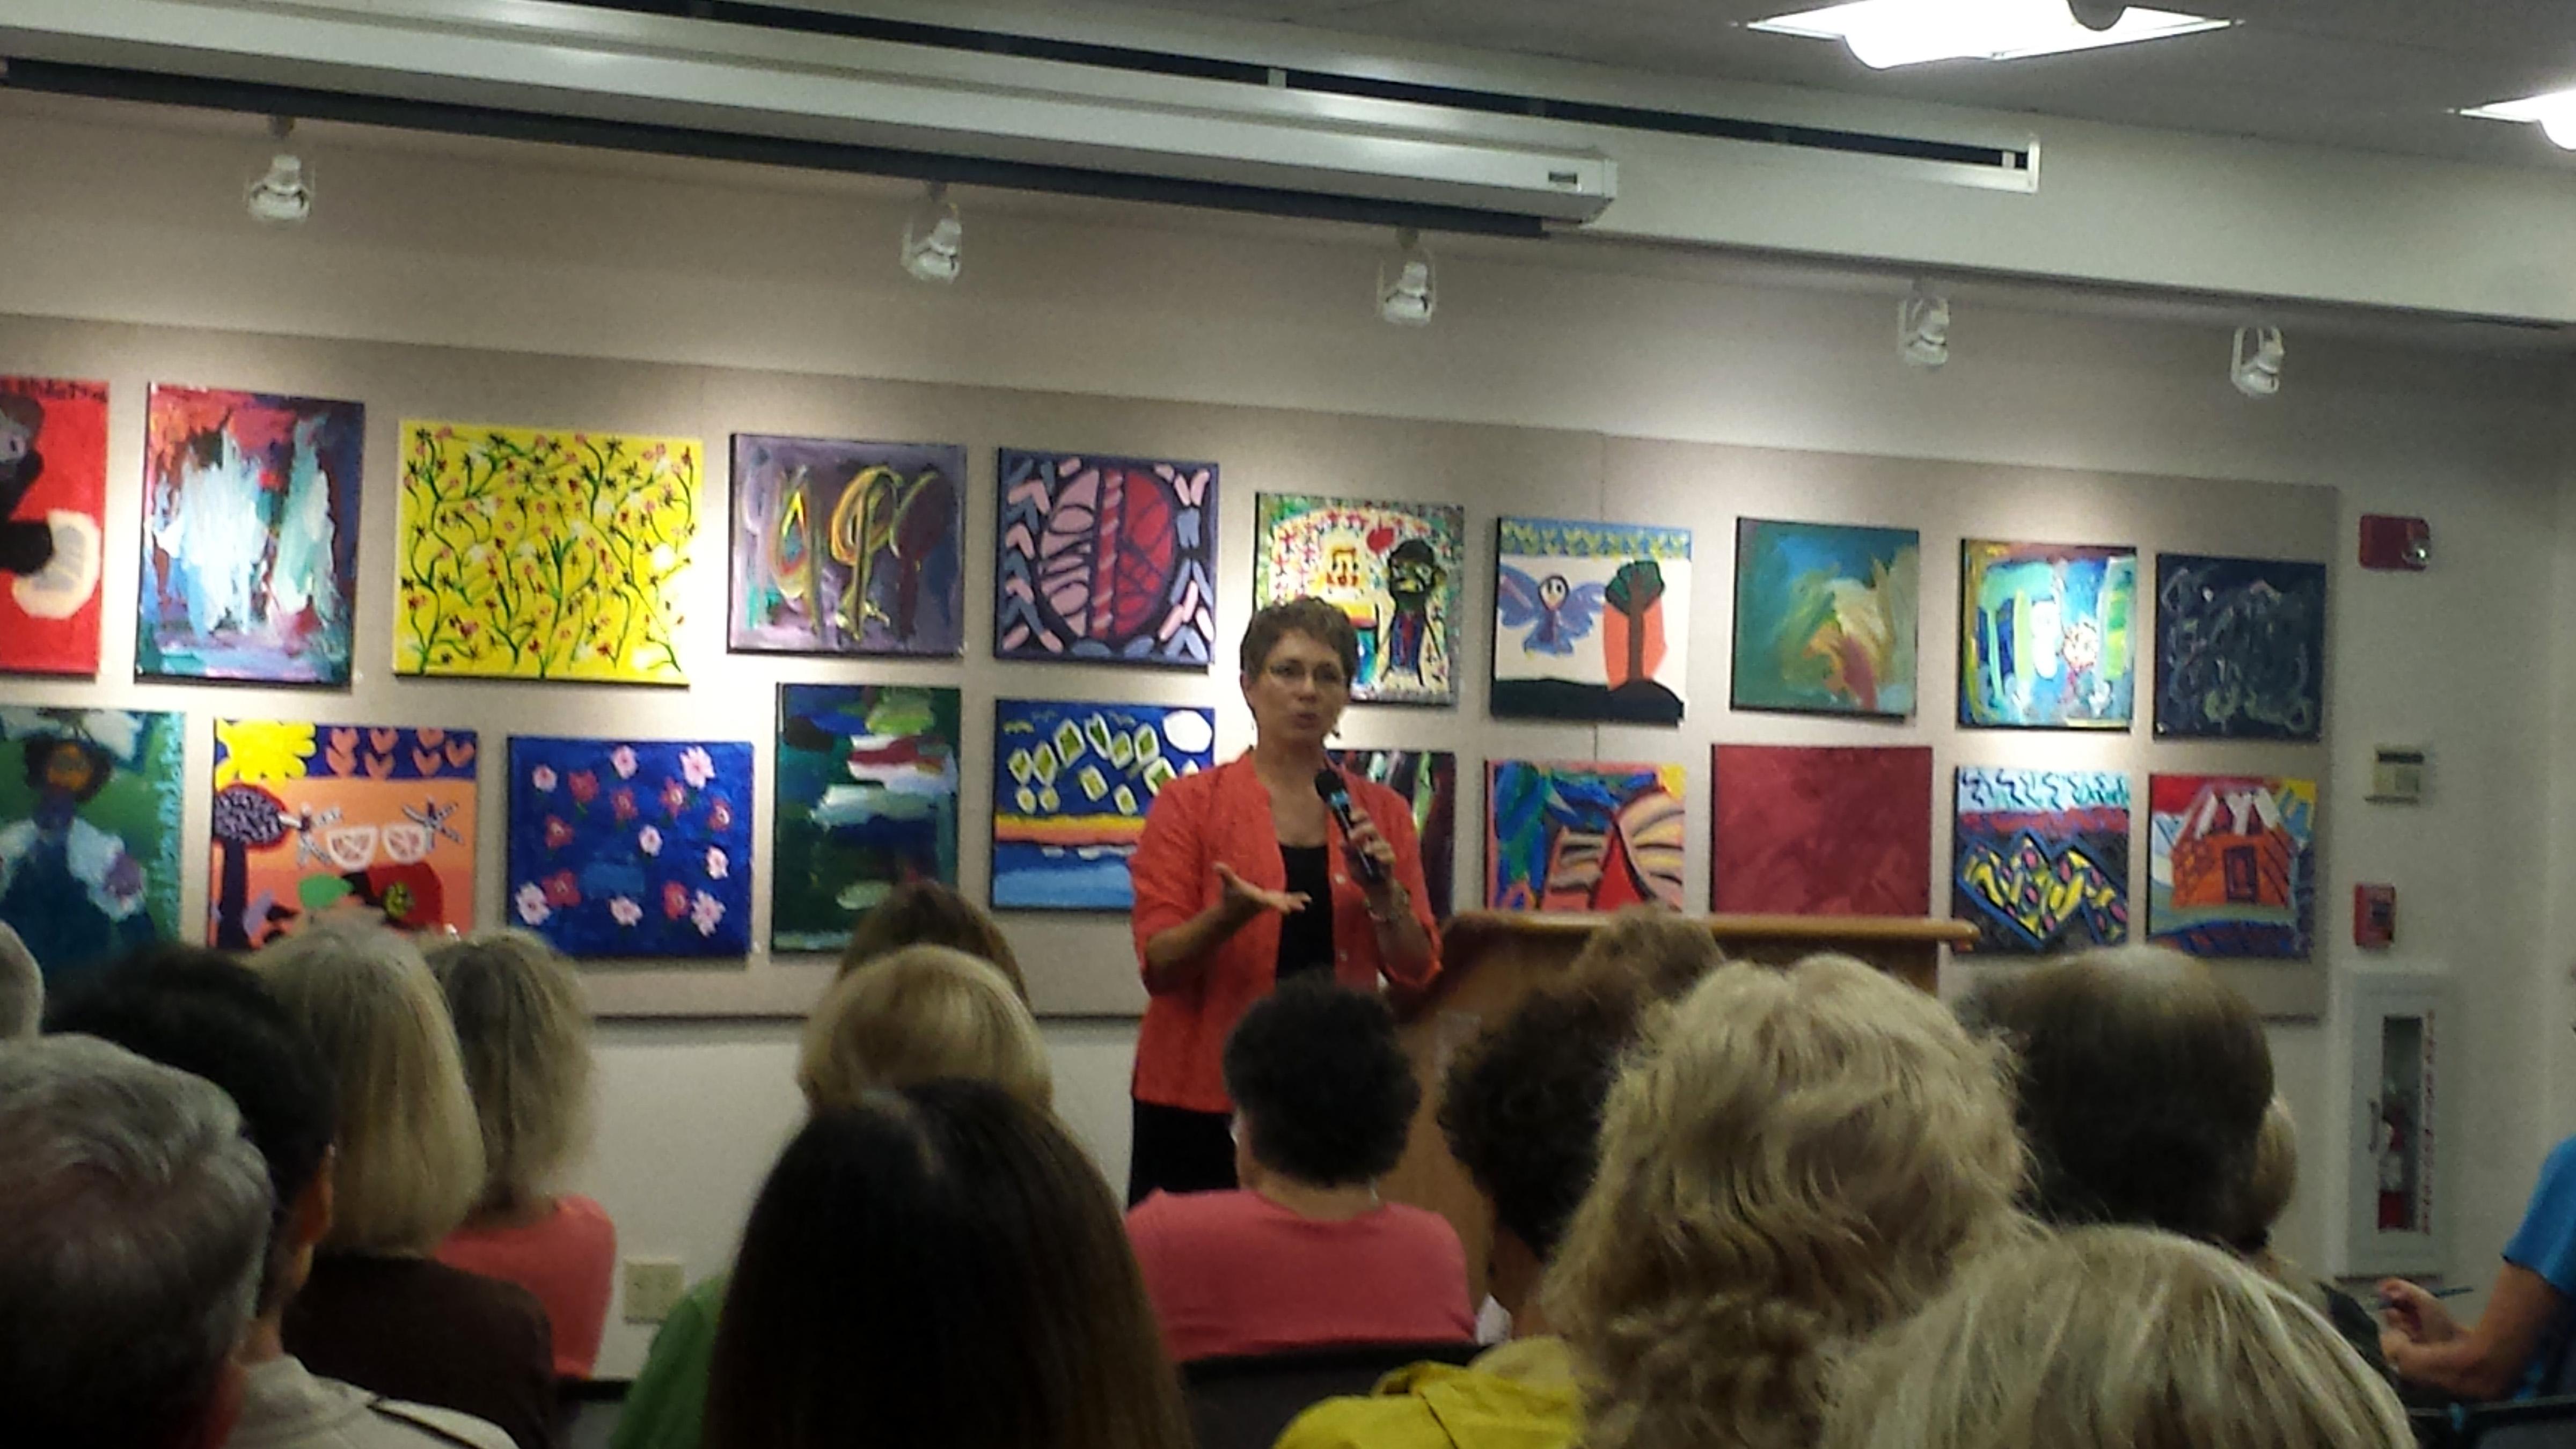 Sheri MIL at Guilford library